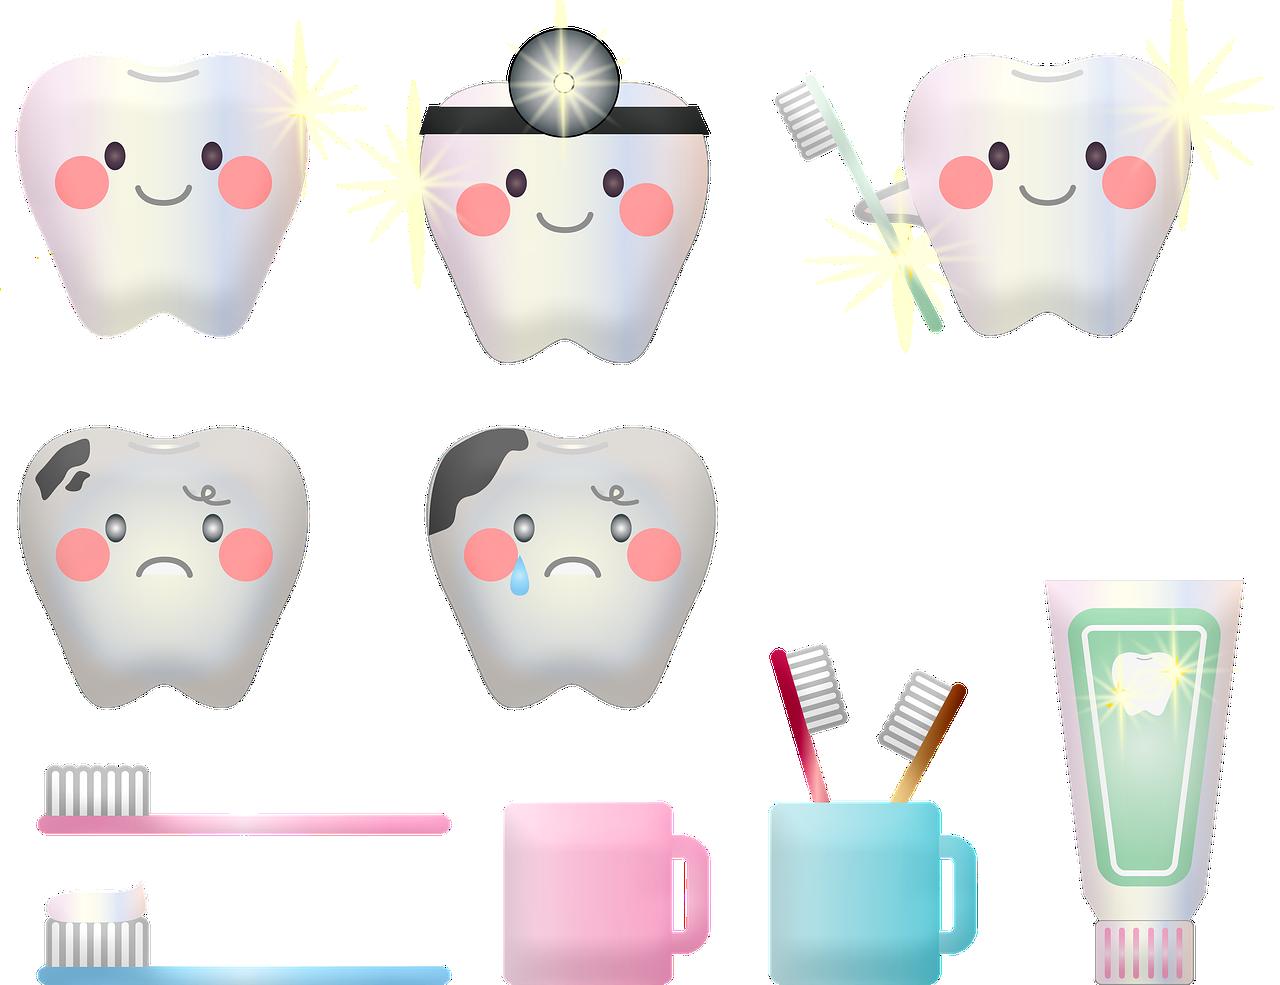 Chăm sóc răng miệng trong quá trình điều trị ung thư